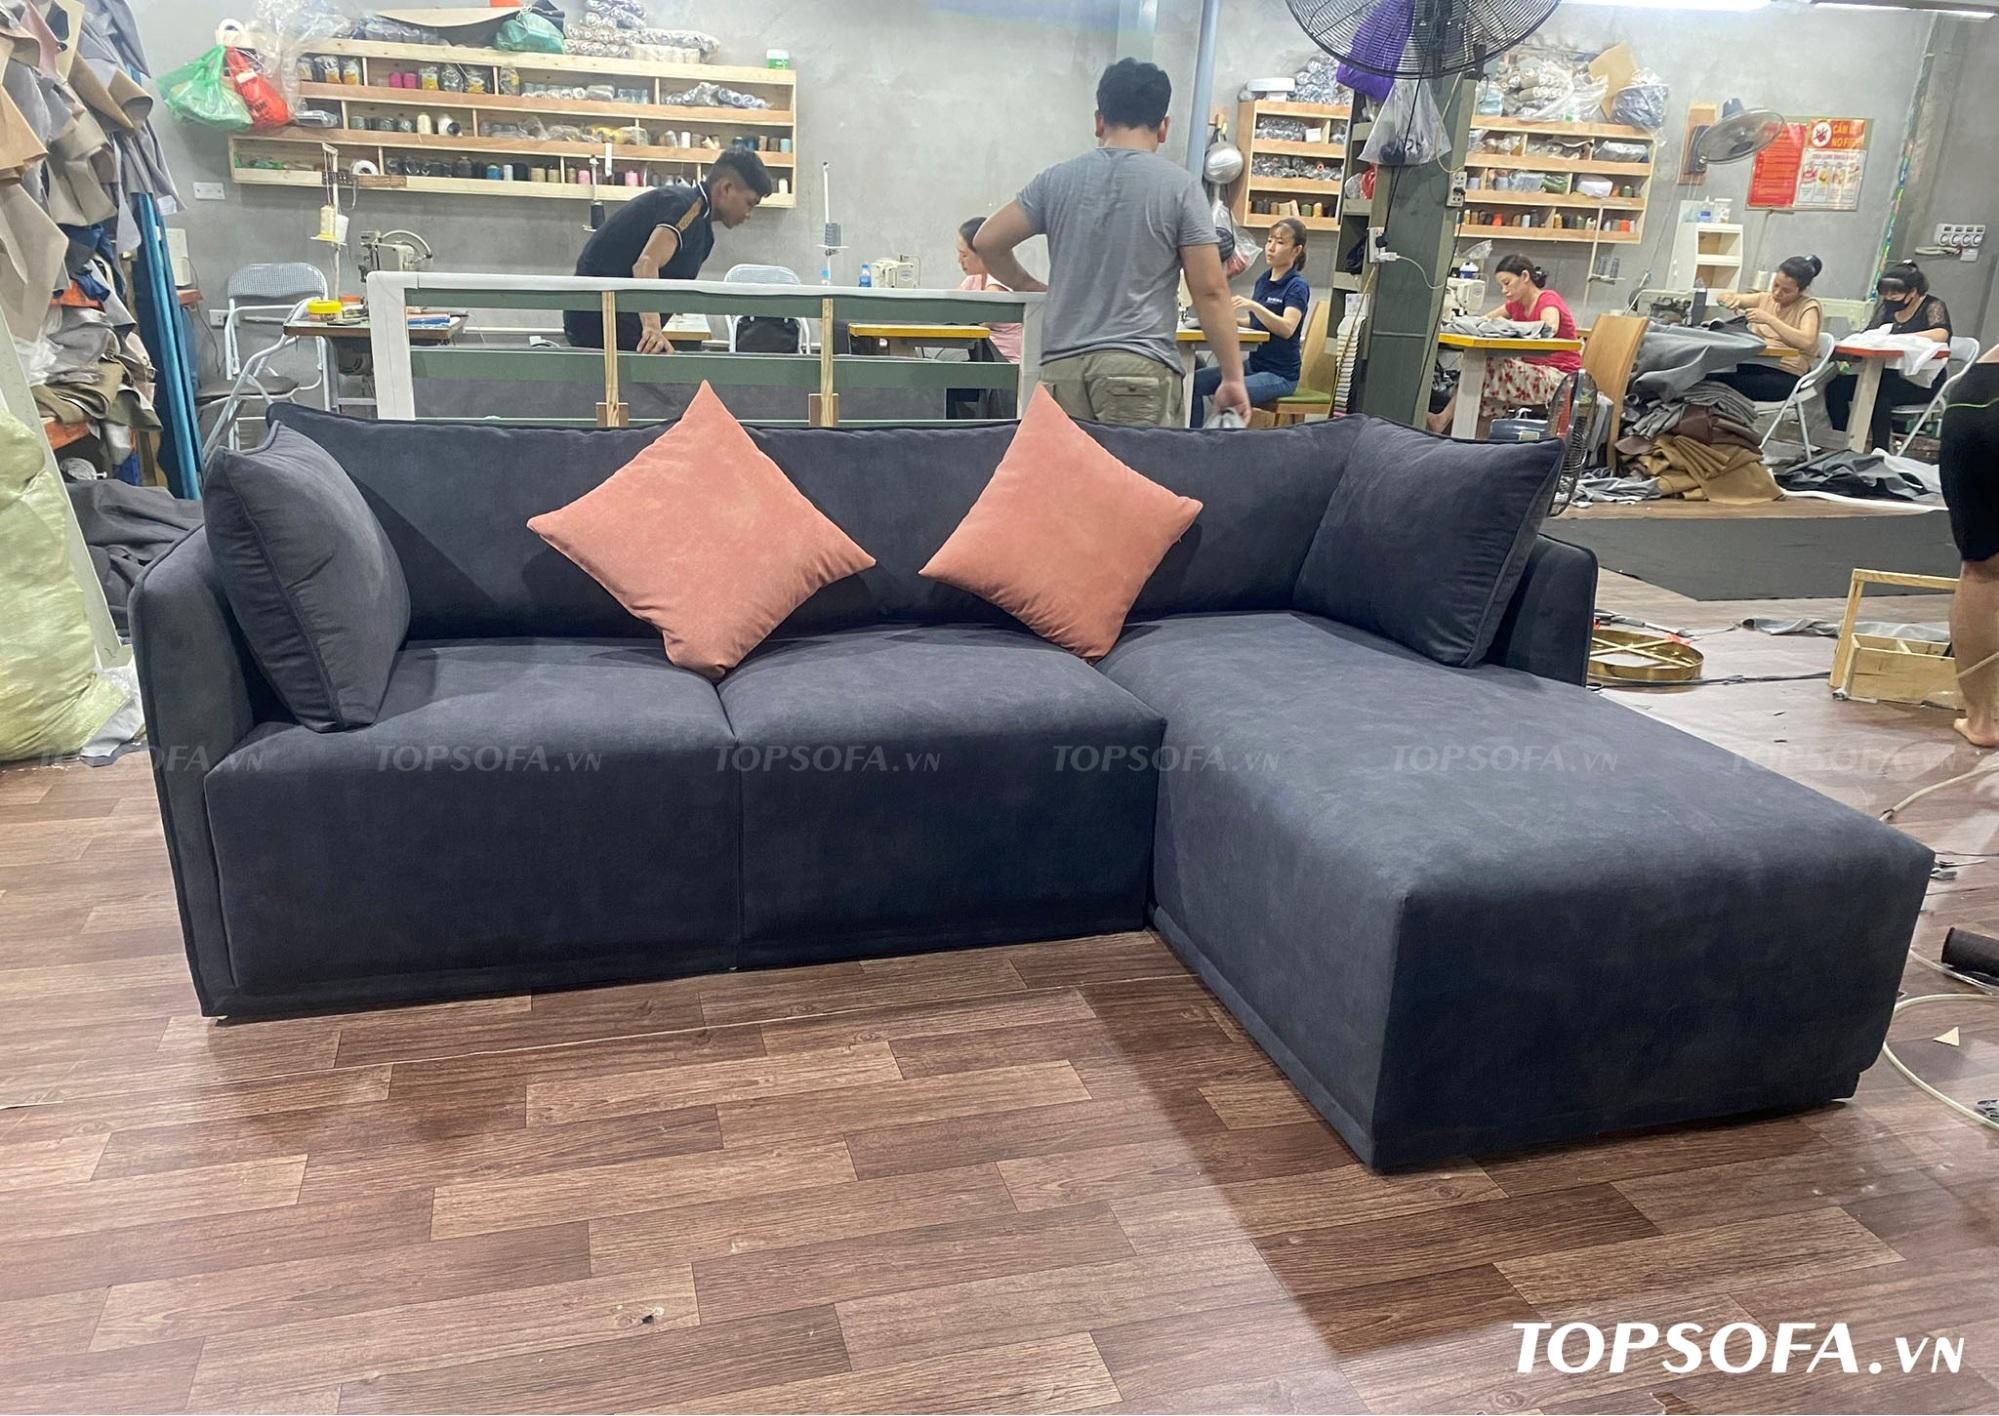 Sofa góc nỉ TS217 chất liệu vải nỉ Hàn Quốc